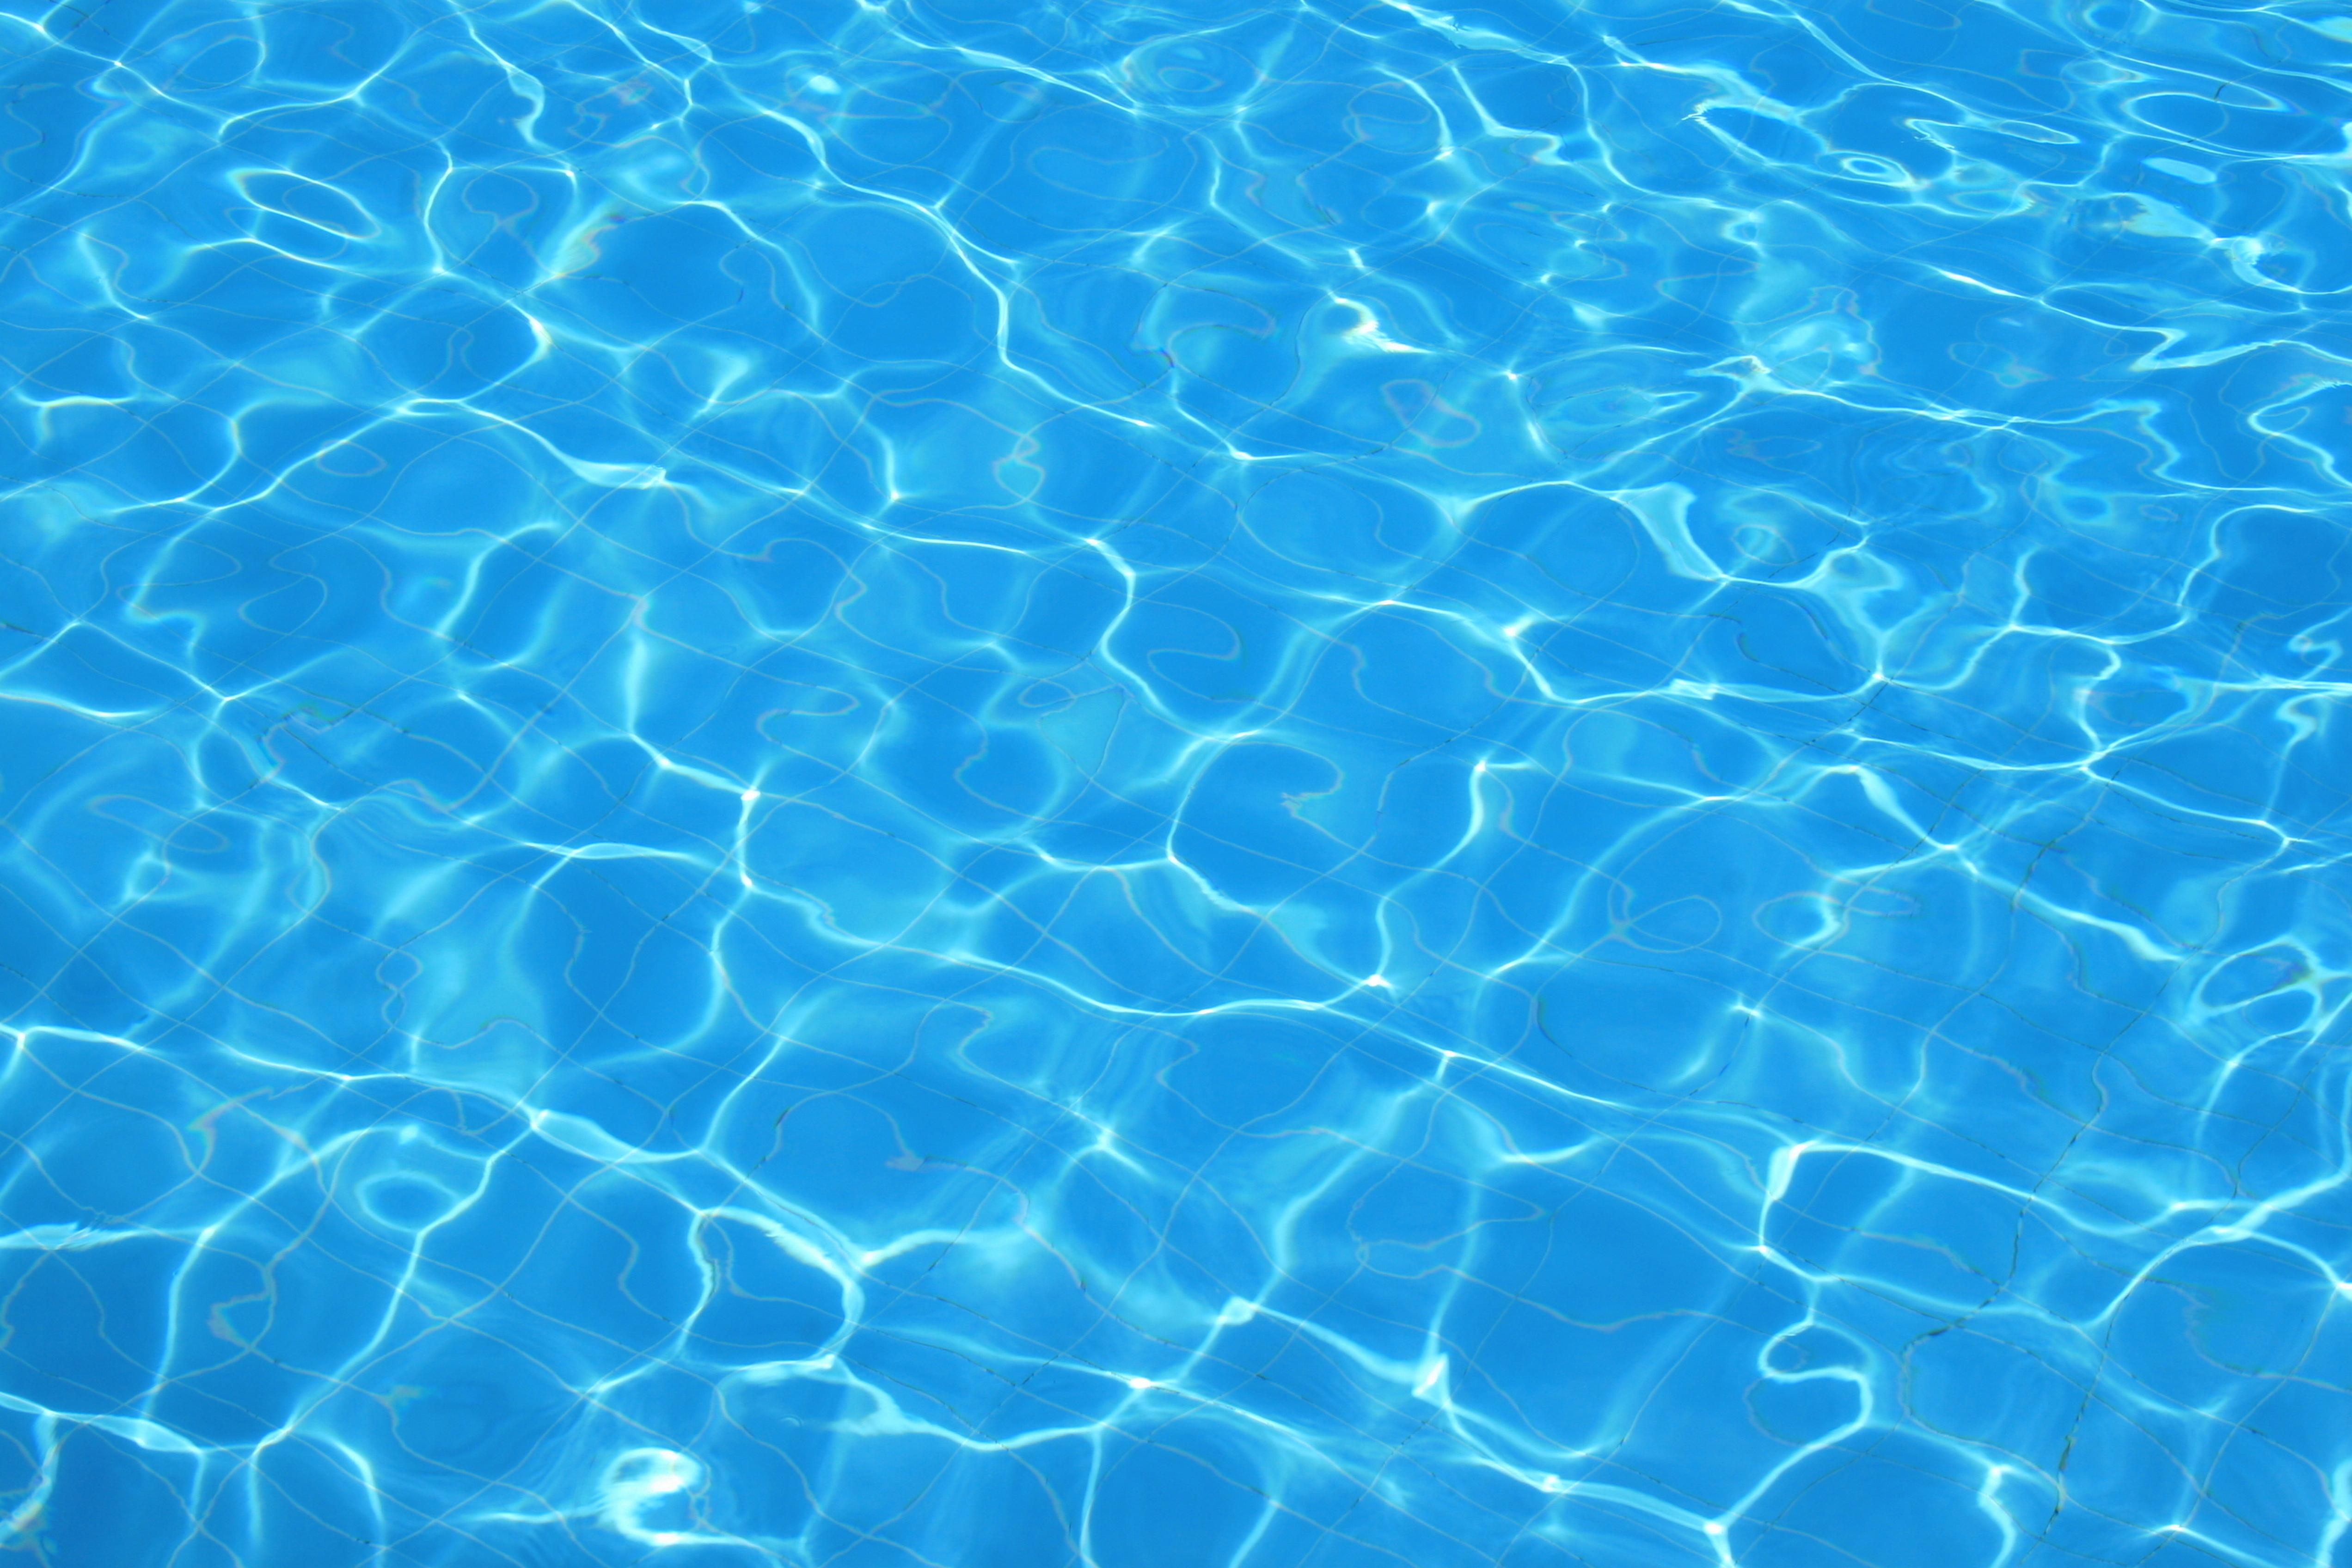 Pool Water Wallpaper